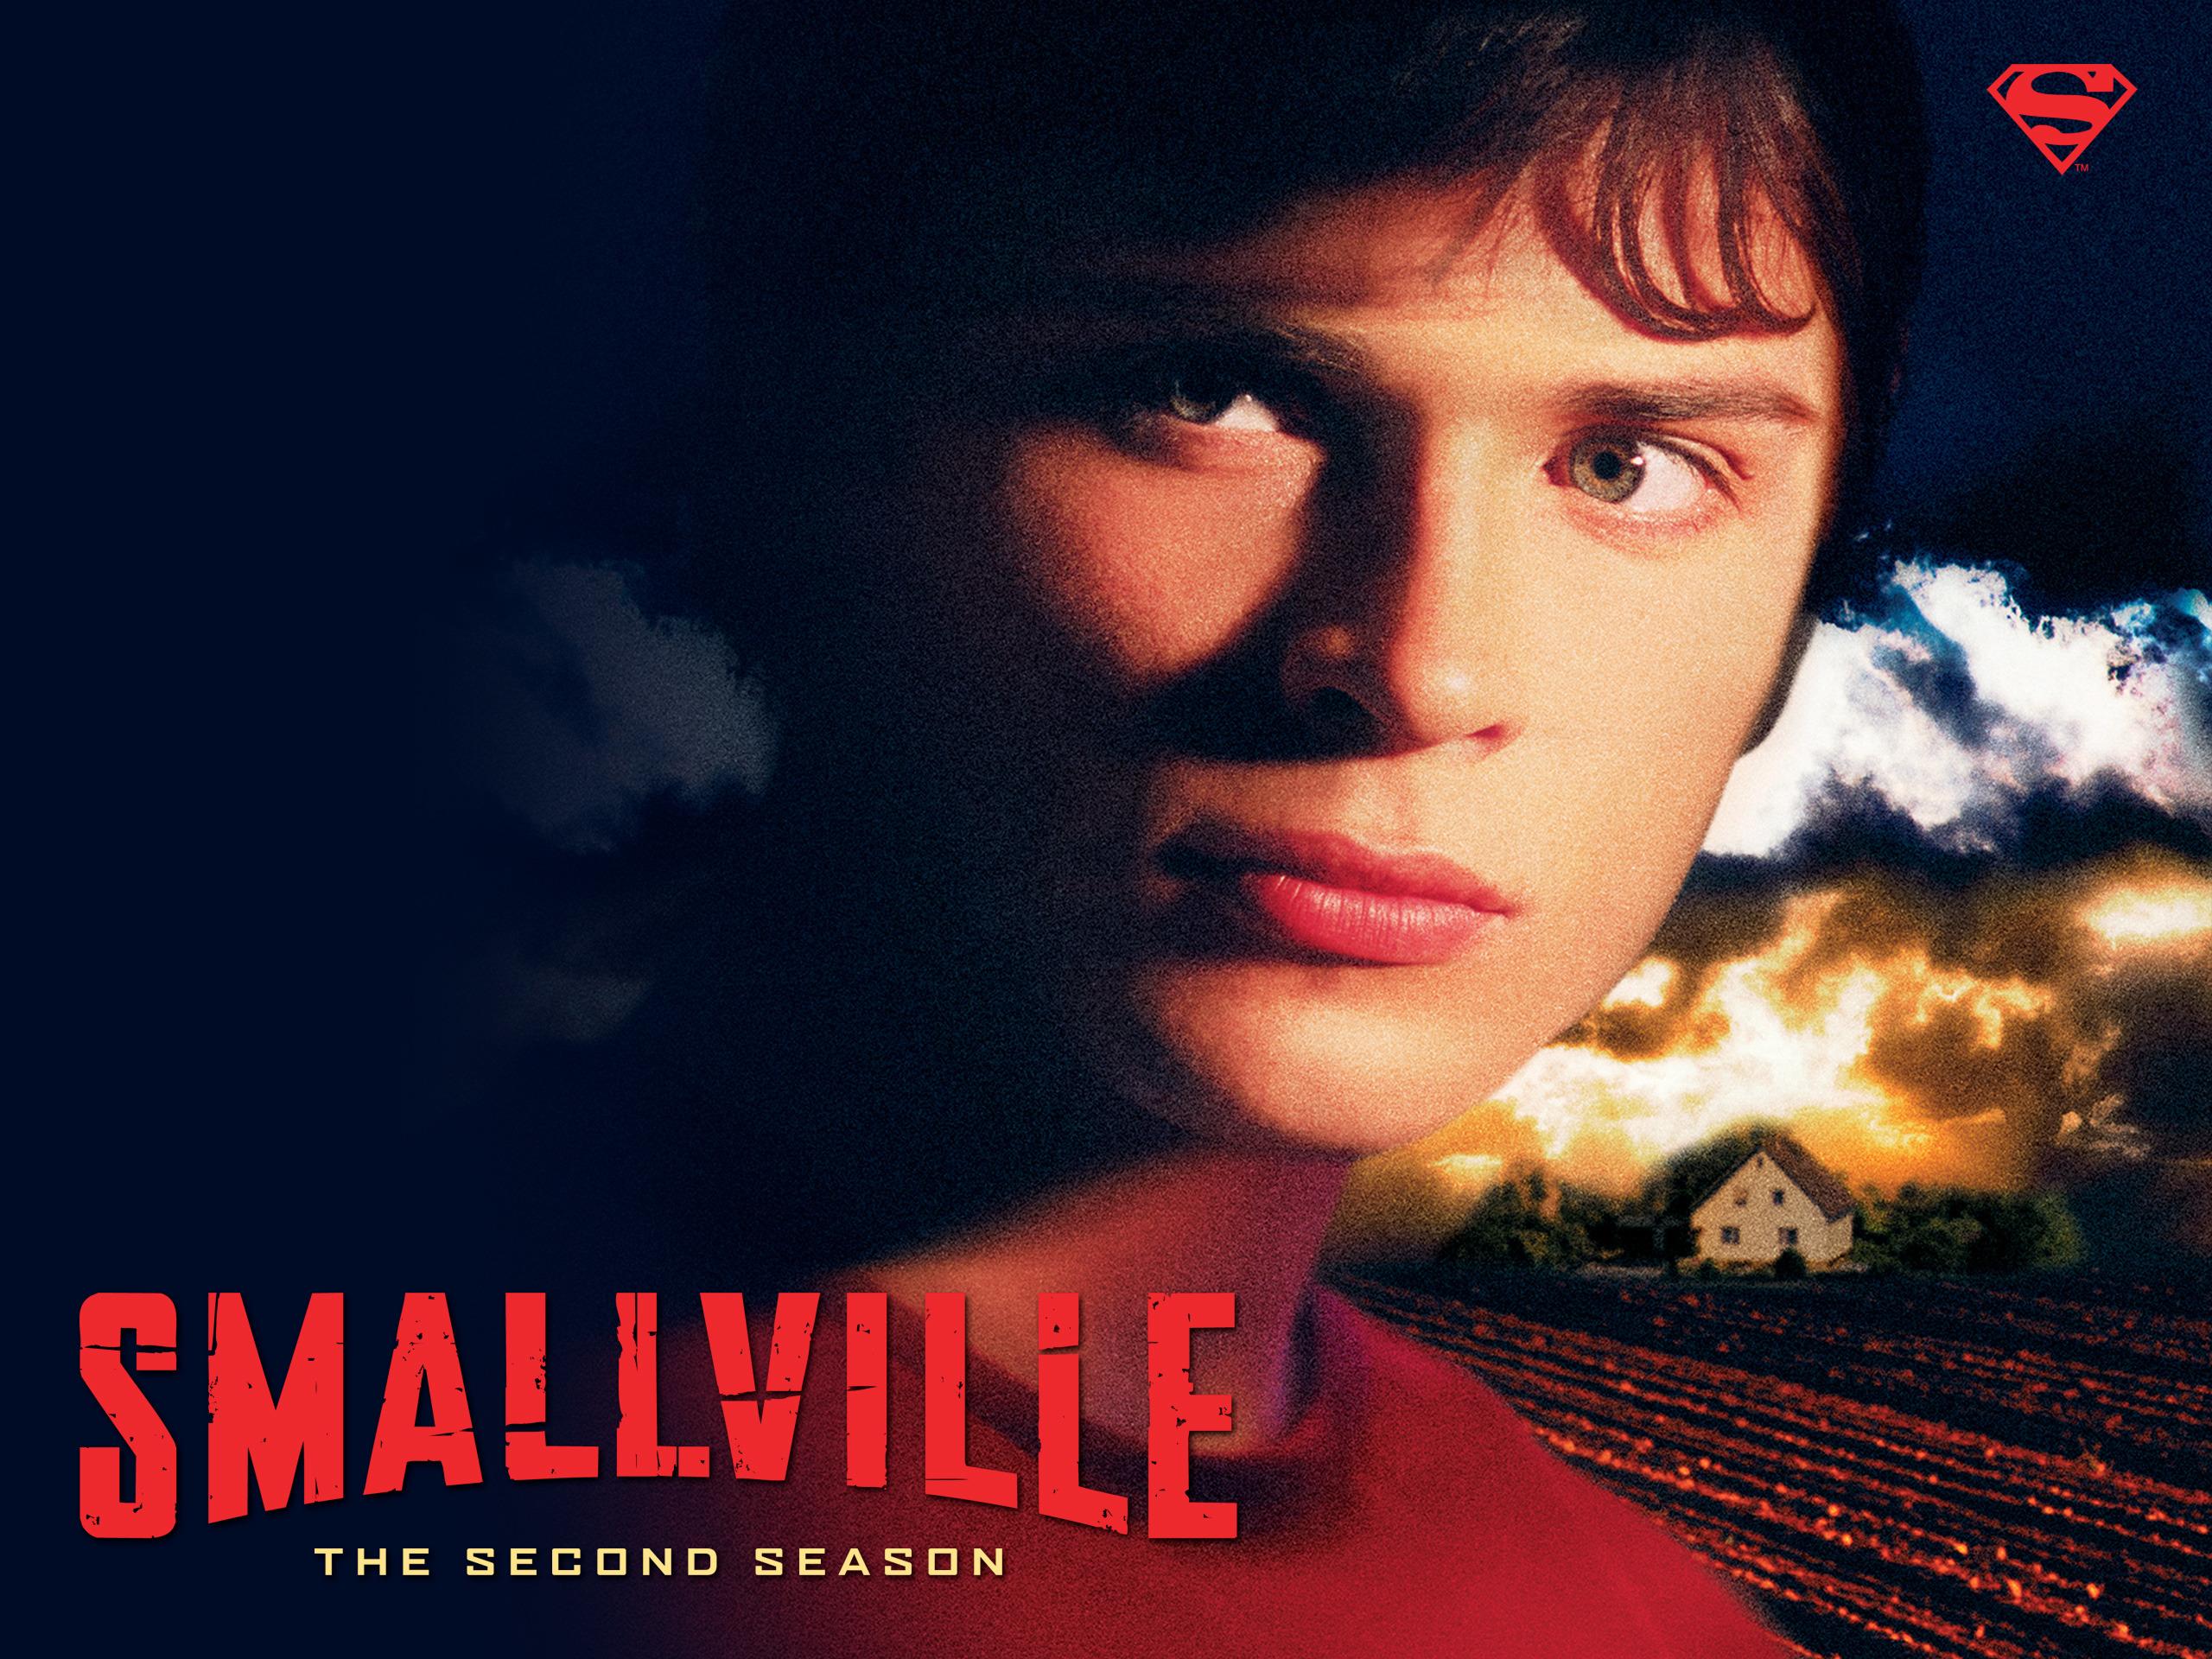 Smallville prime video episodes